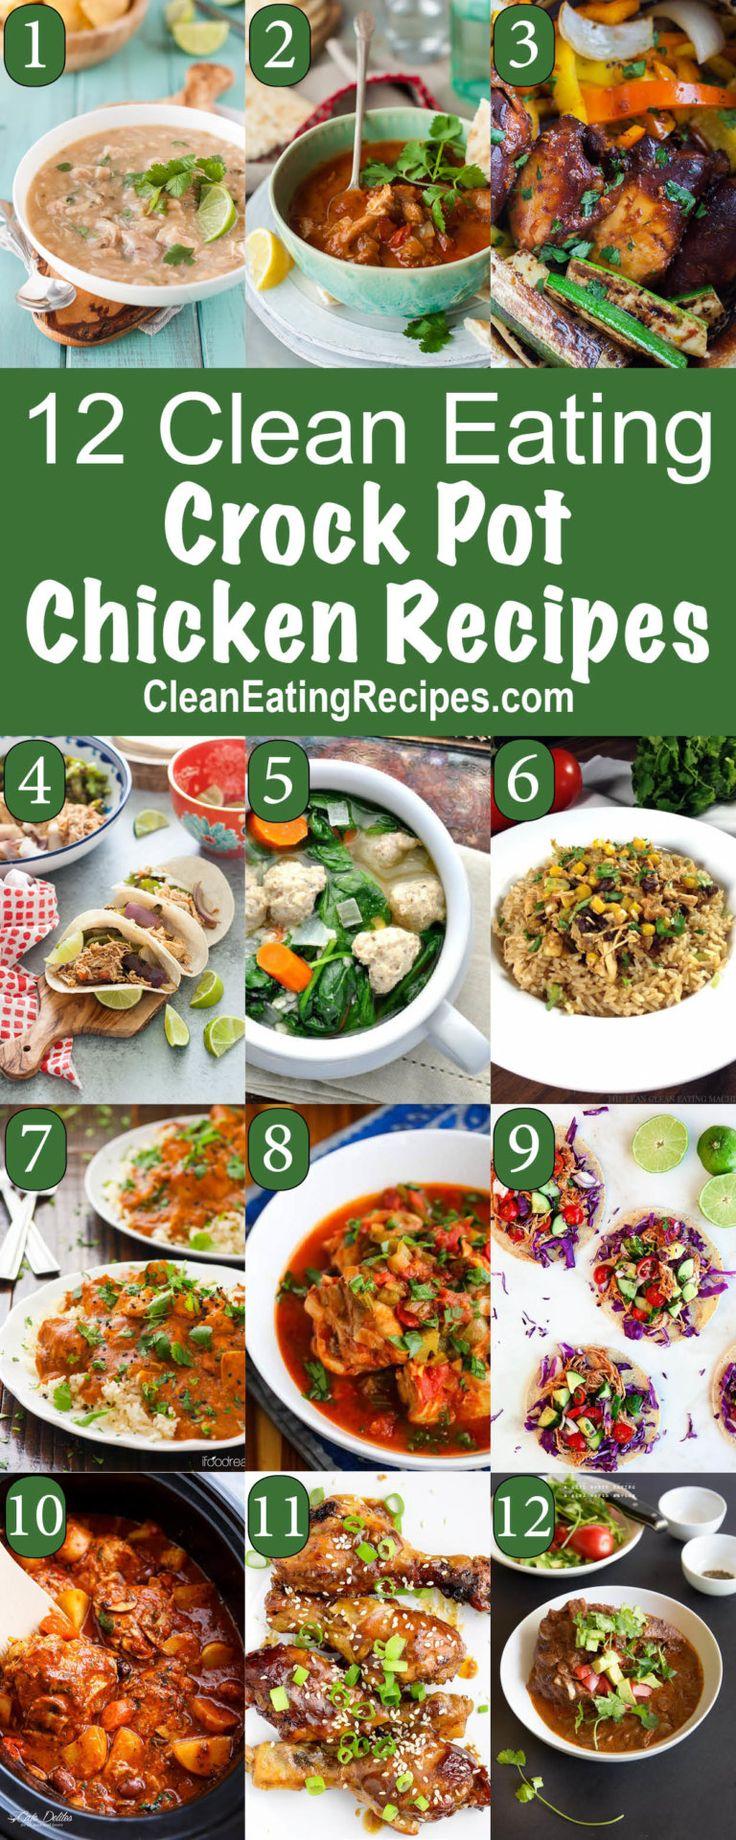 Clean Eating Crock Pot Recipes Index